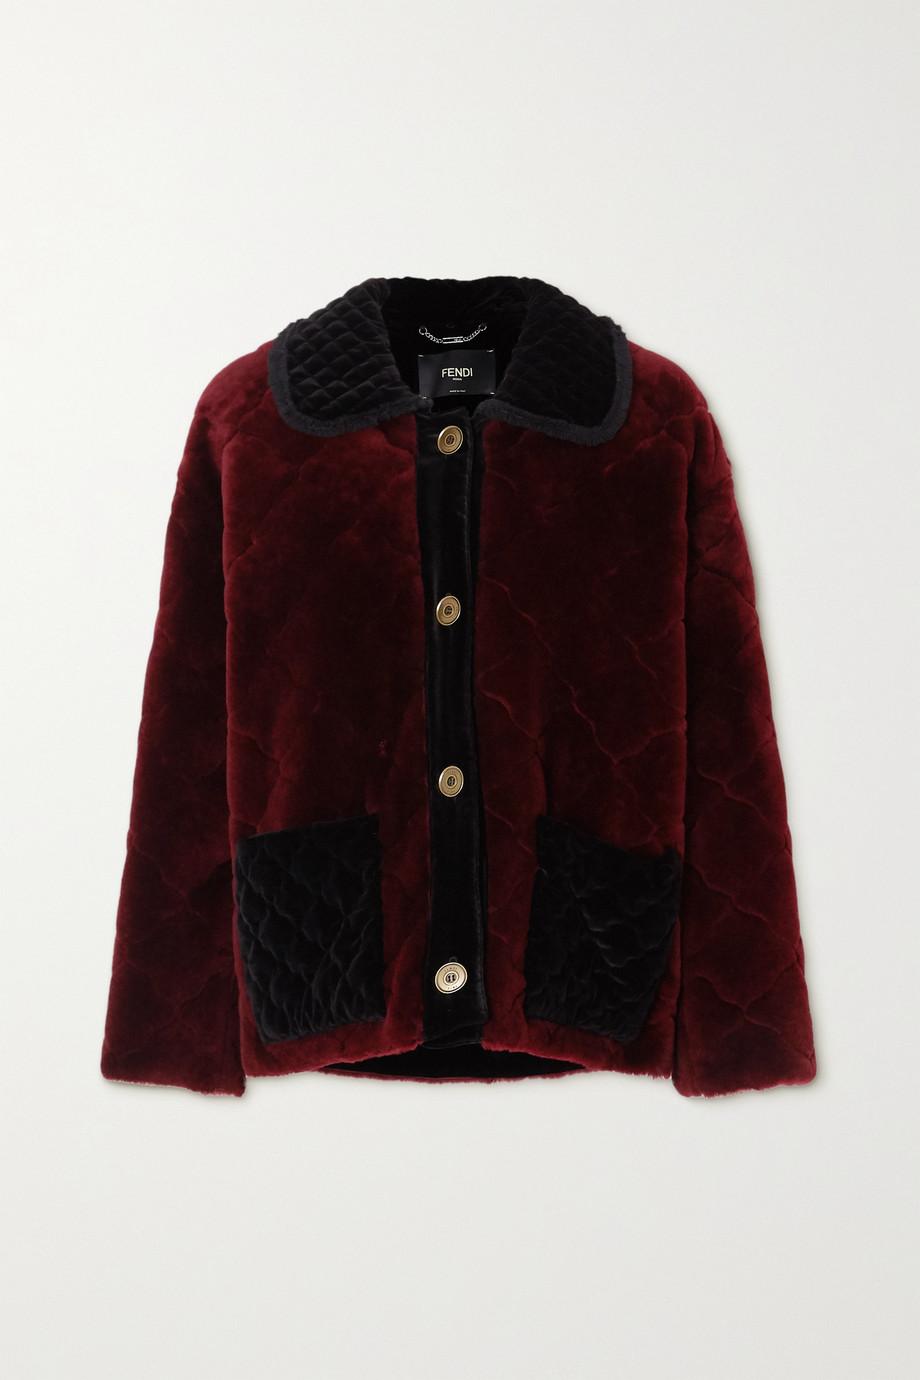 Fendi Manteau en peau lainée matelassée à finitions en velours et à volants